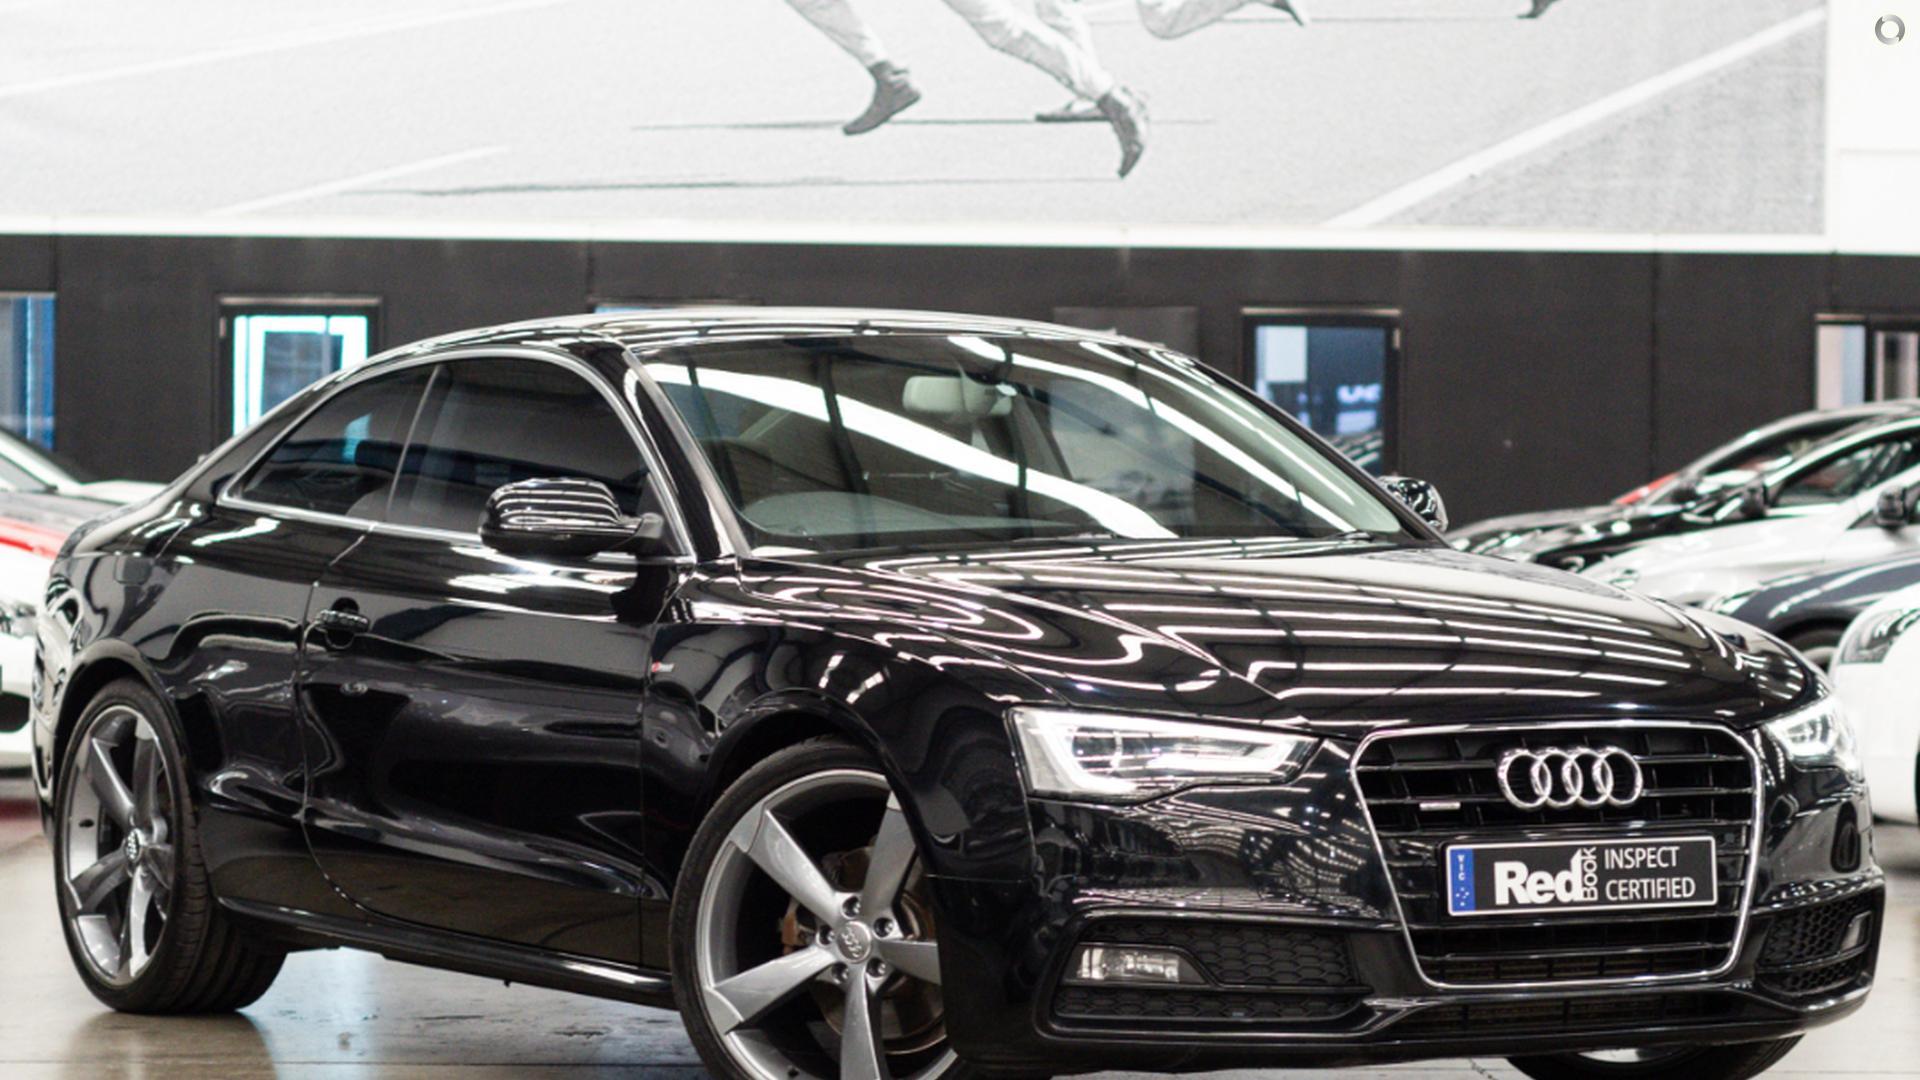 2012 Audi A5 8T